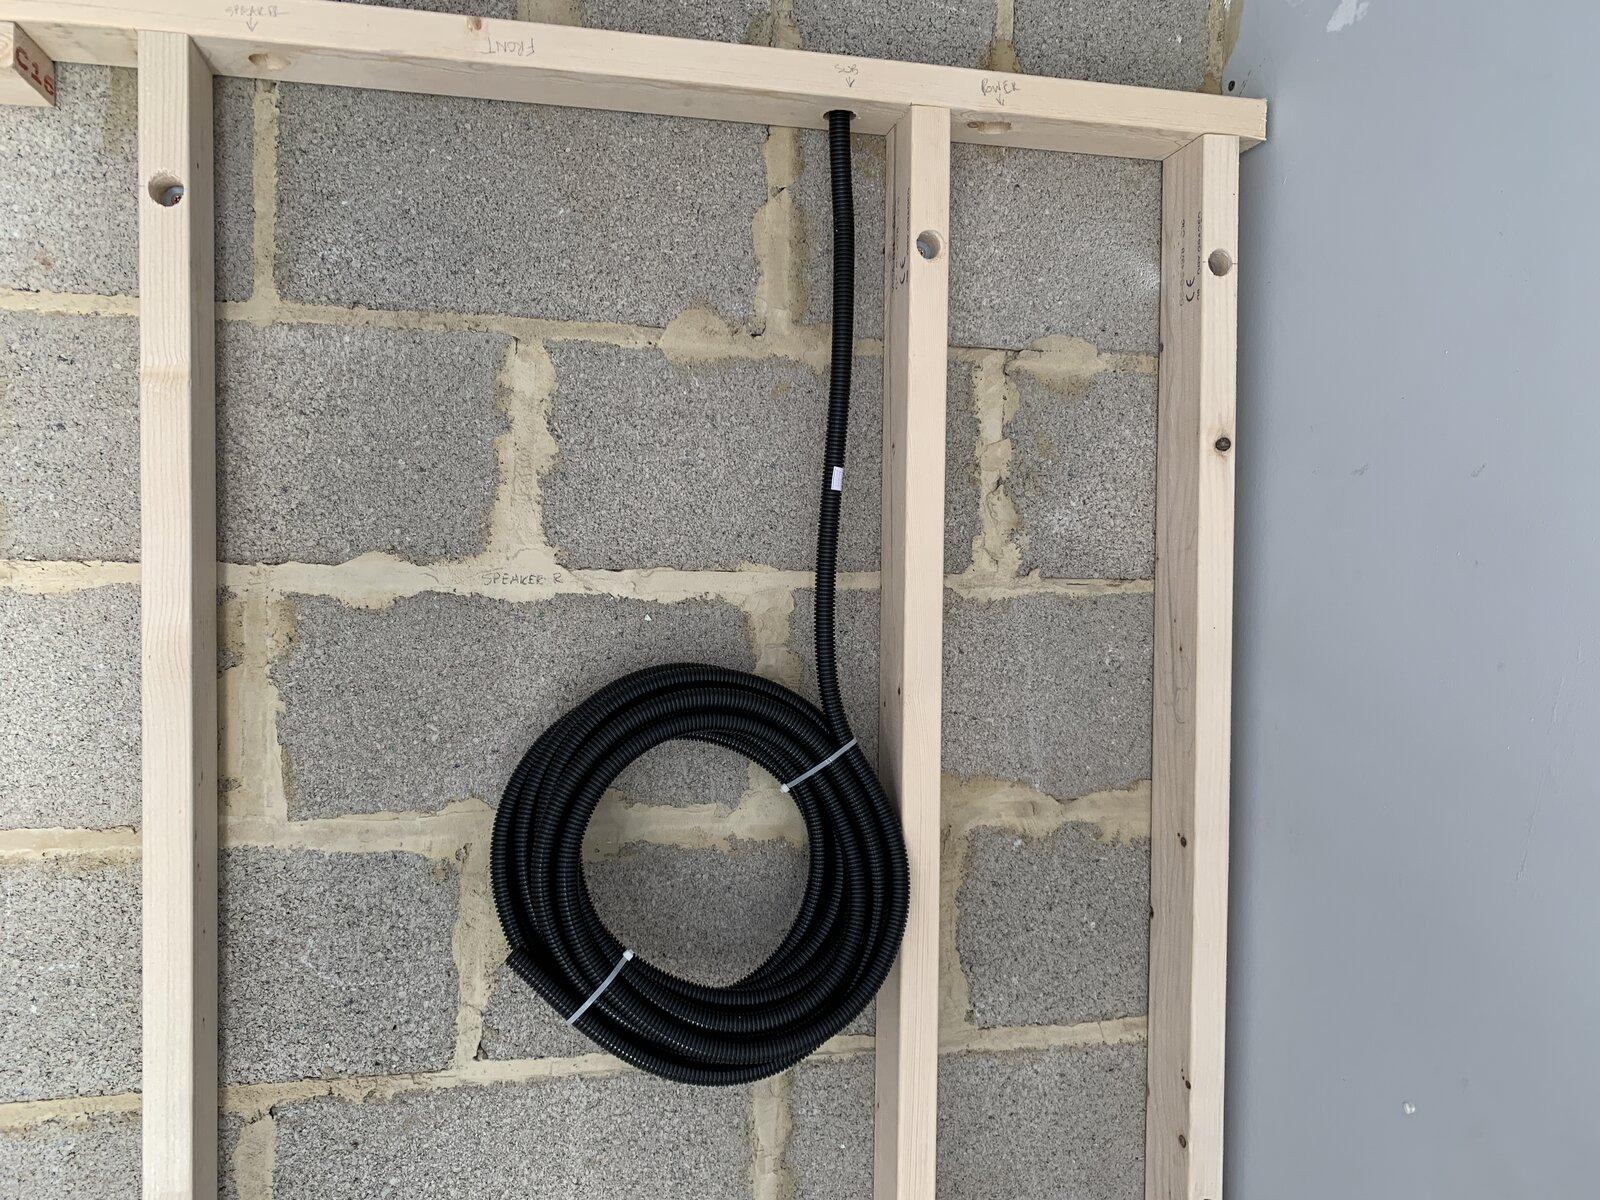 speaker wire flexible conduit